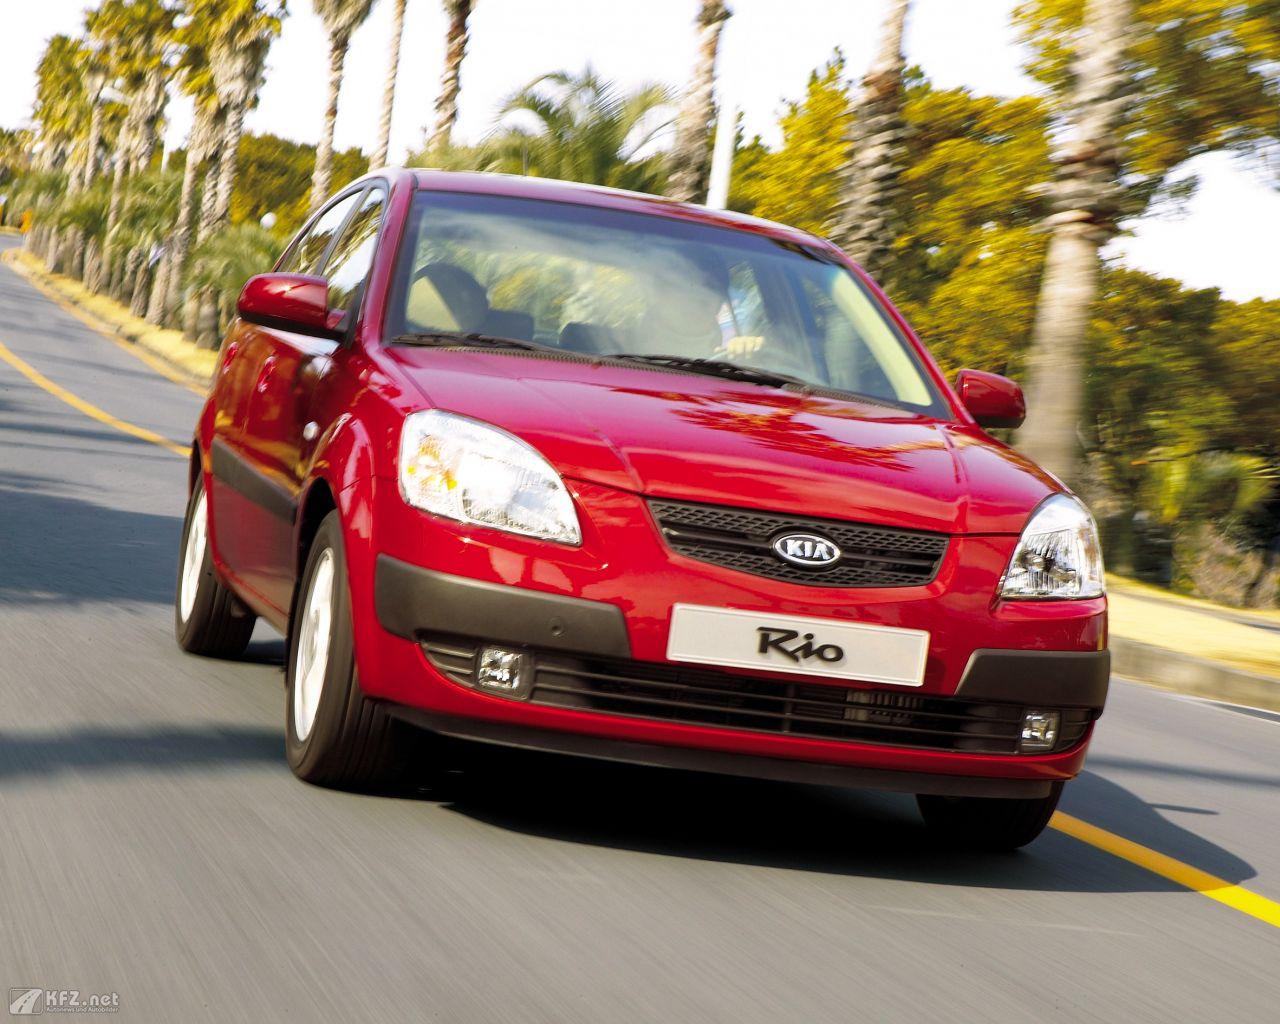 kia-rio-1280x1024-10